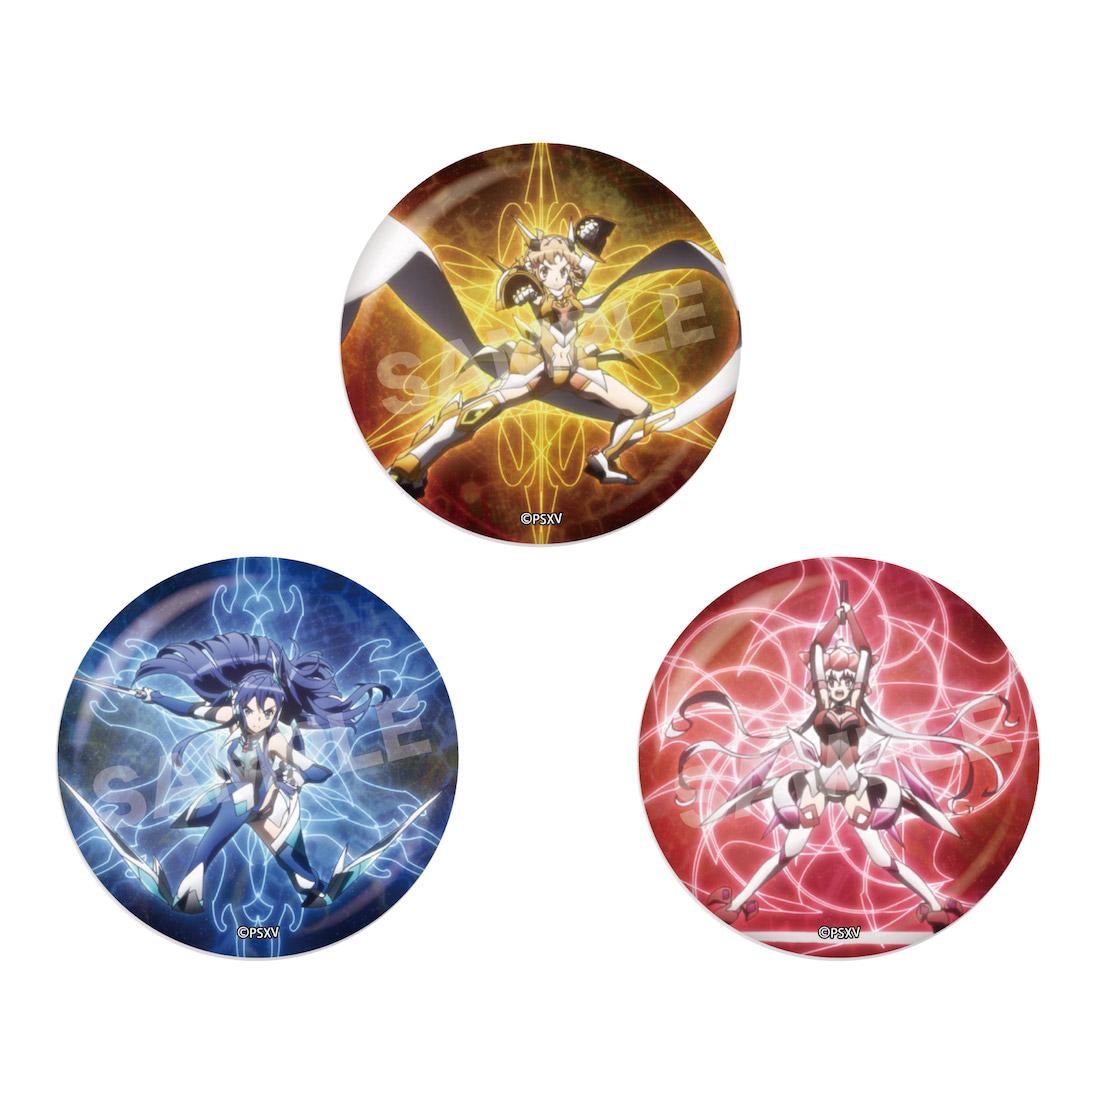 <予約>「戦姫絶唱シンフォギアXV」メタリック缶バッジ 第1弾 BOX(全6種) (IC)